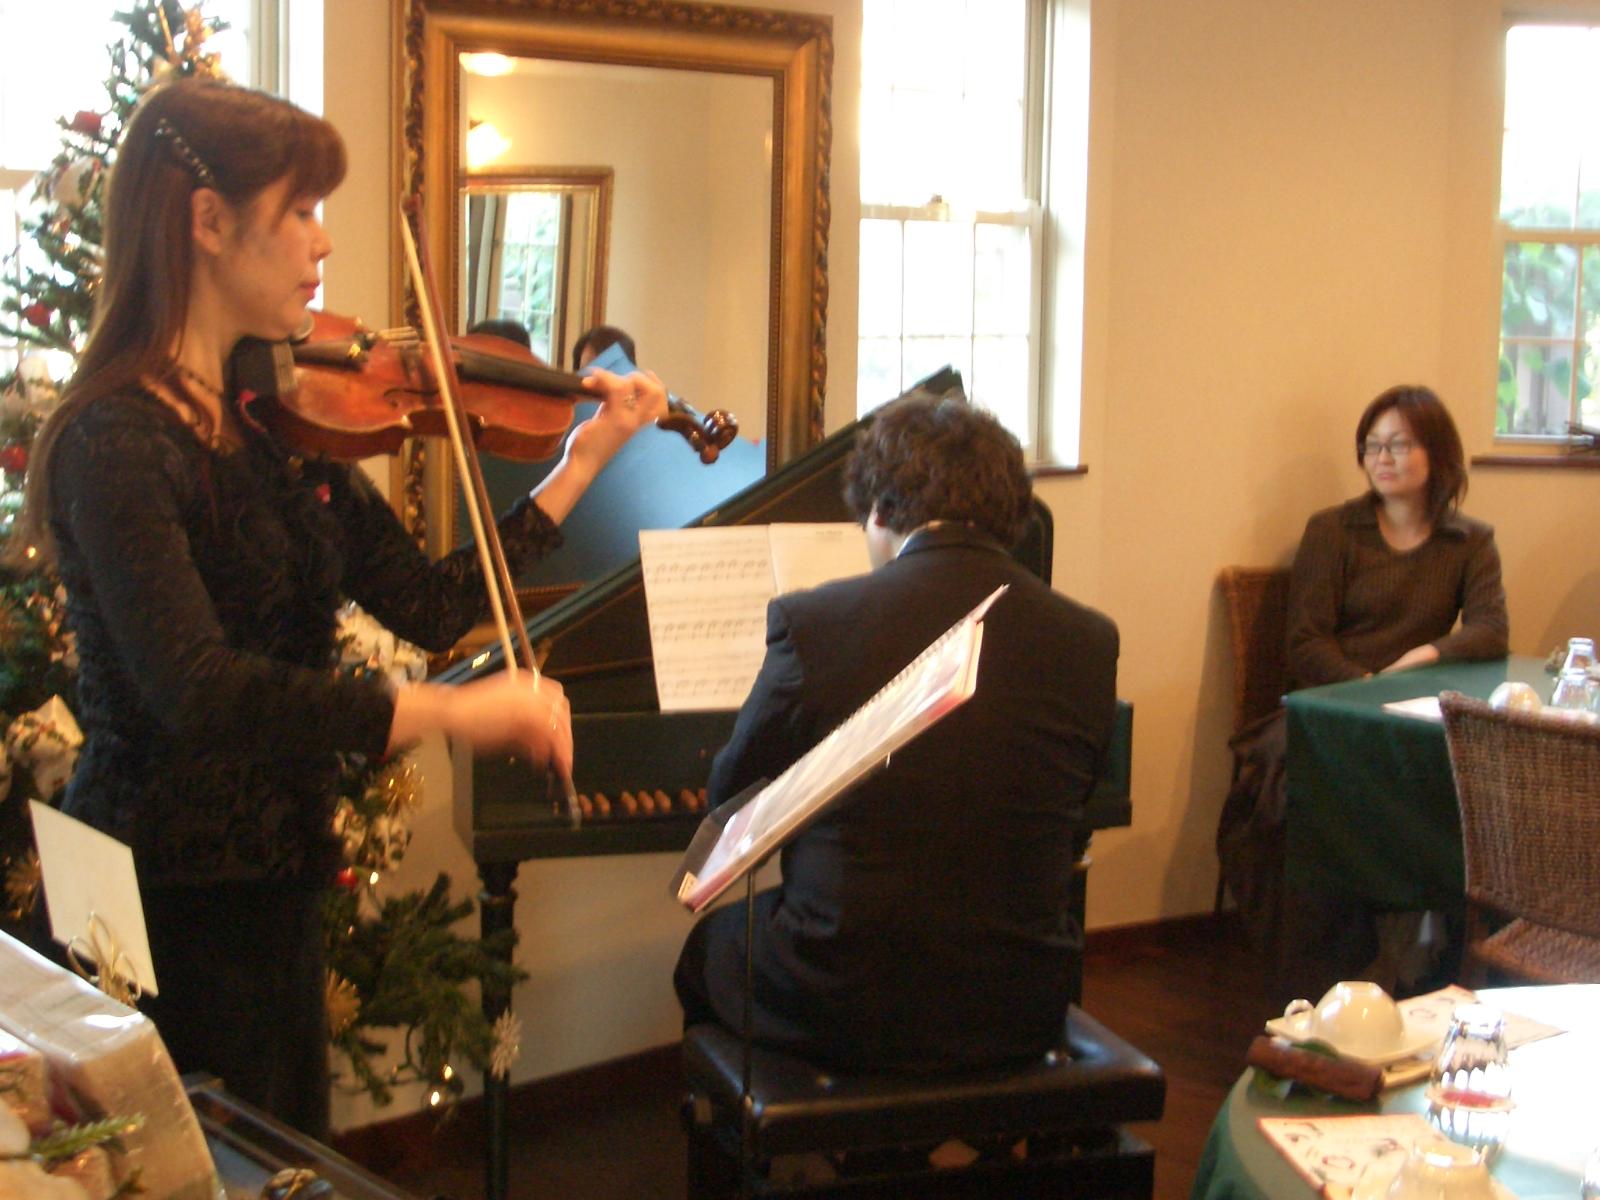 2007年11月25日(日)サンデーテーコンサート井伊桃子先生のバイオリン演奏